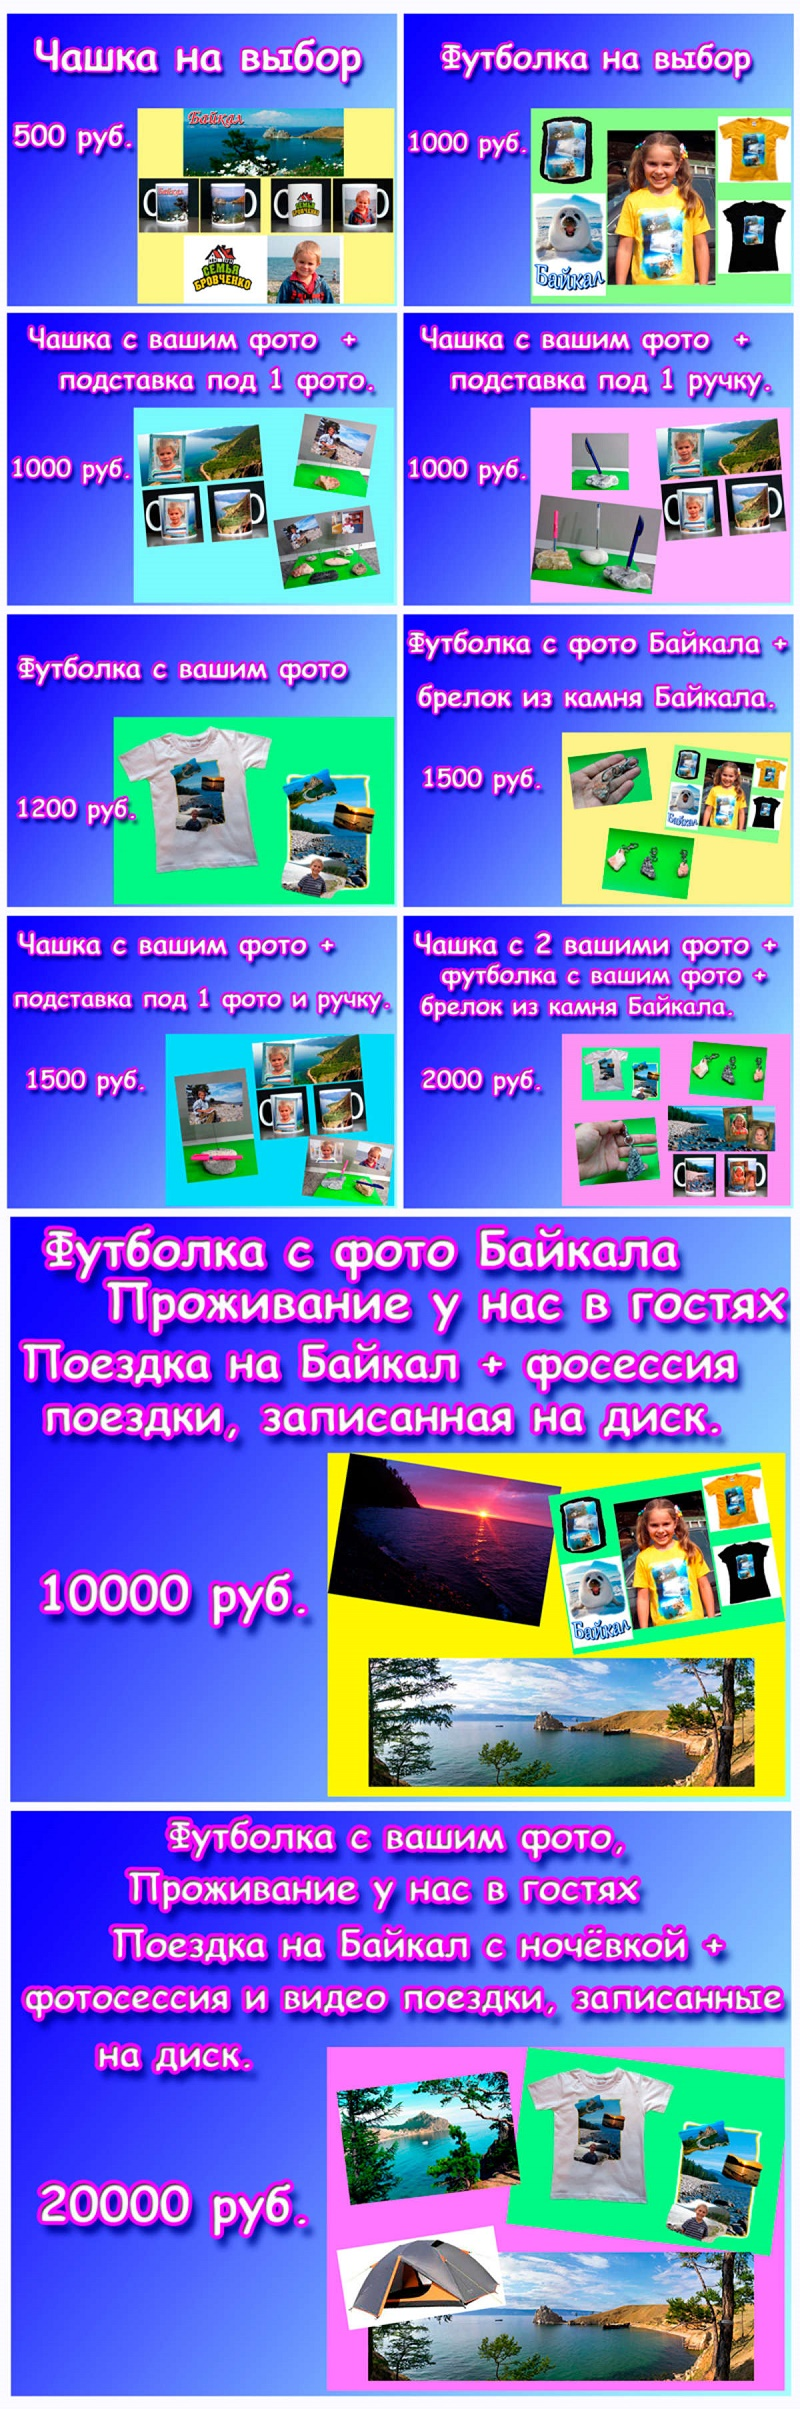 Семья Бровченко - вознаграждения